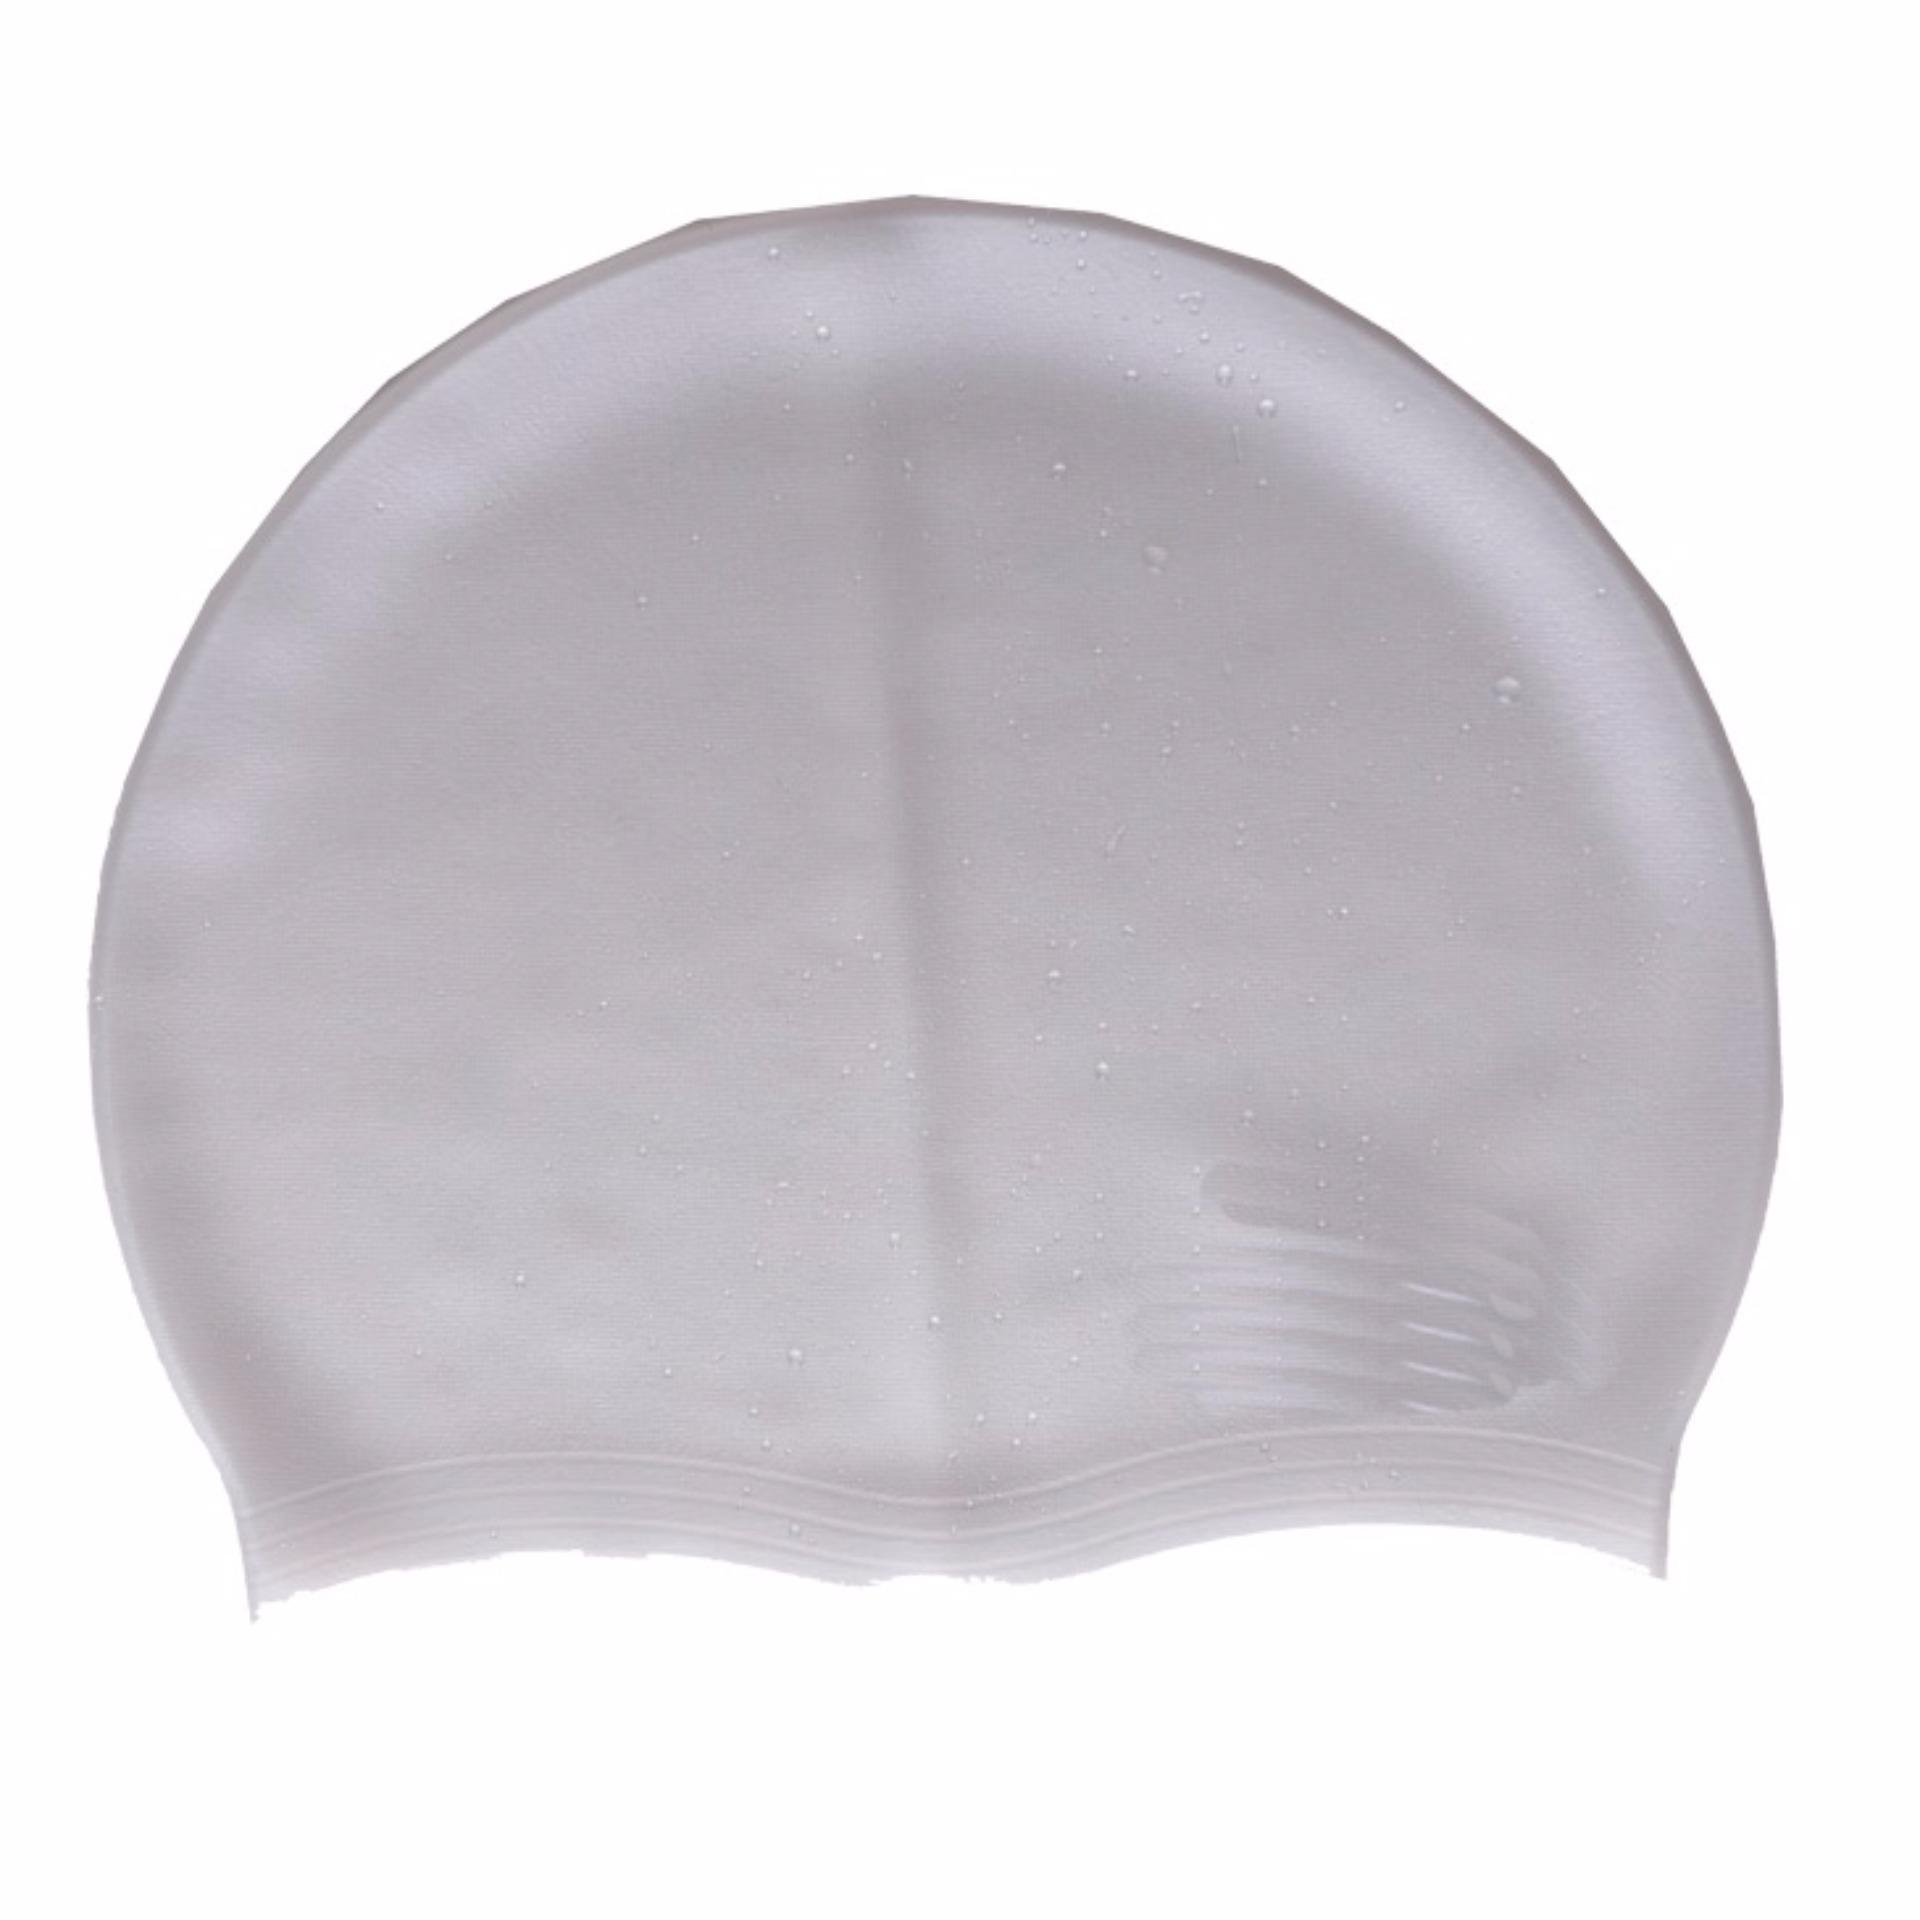 Nón bơi mũ bơi trơn silicone chống thống nước cao cấp CA31 POPO Collection 26